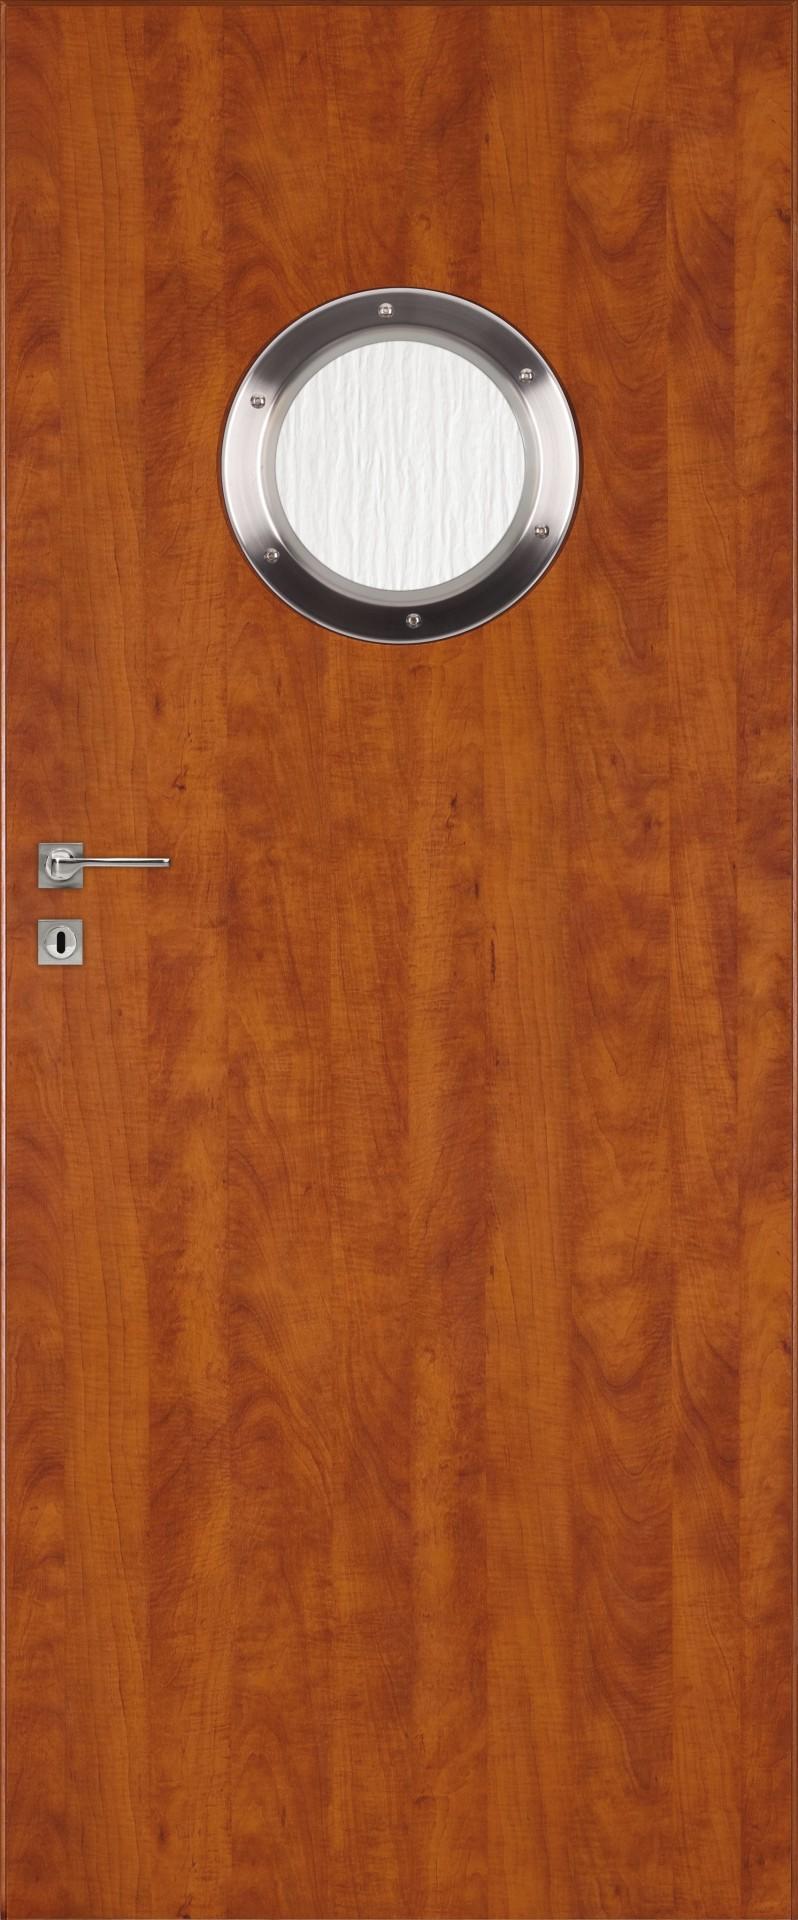 Dre dveře Standard Bulaj Ocel, Šíře v cm 70